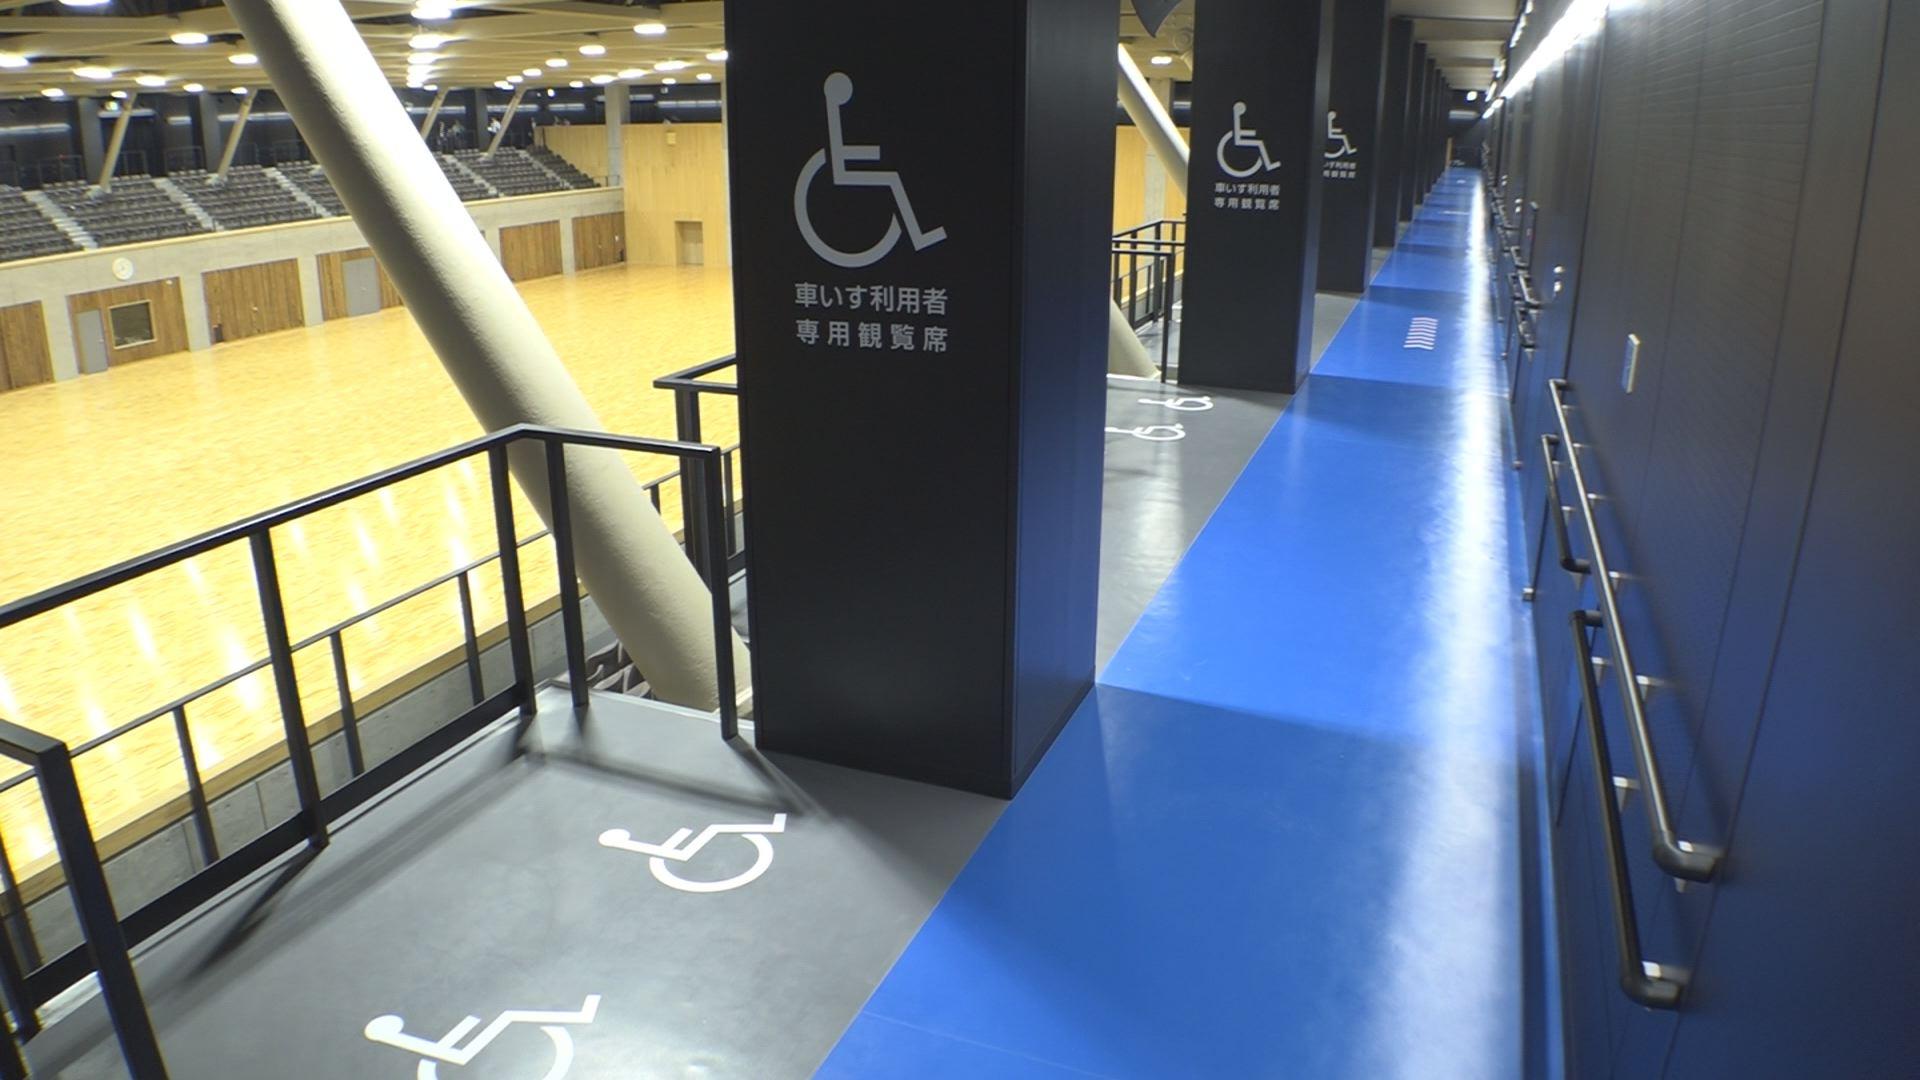 大道場の車椅子席